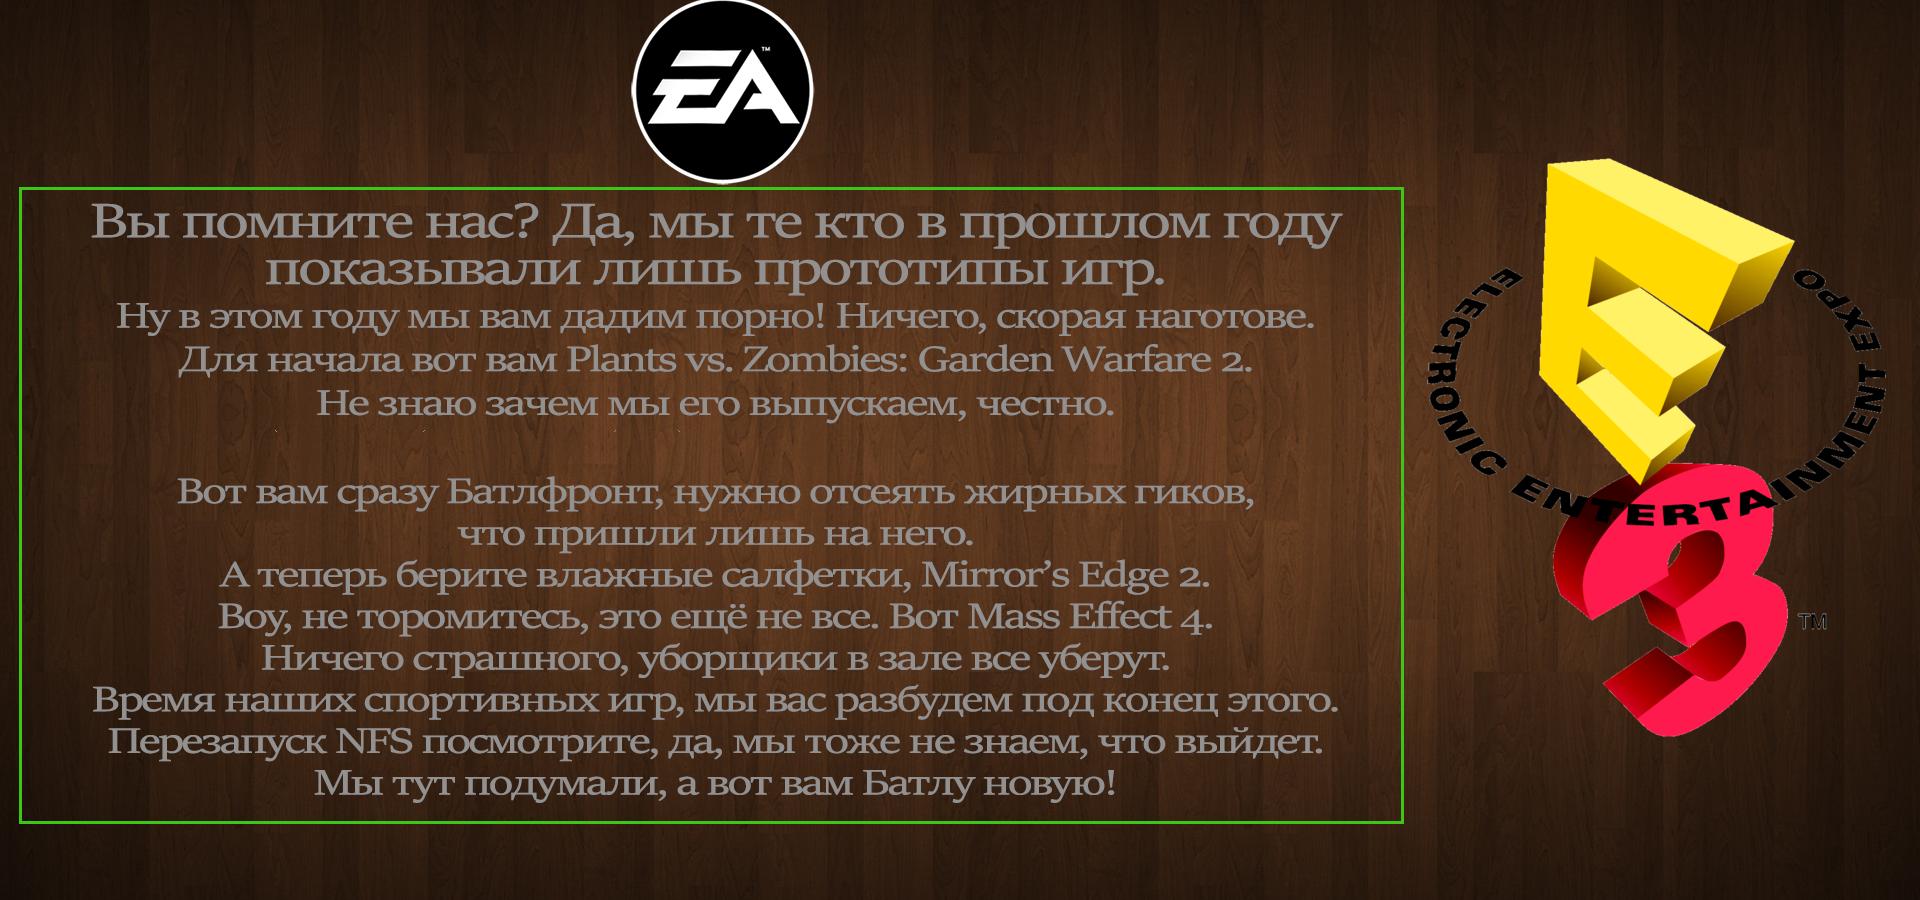 Предсказания на Е3 - Изображение 4